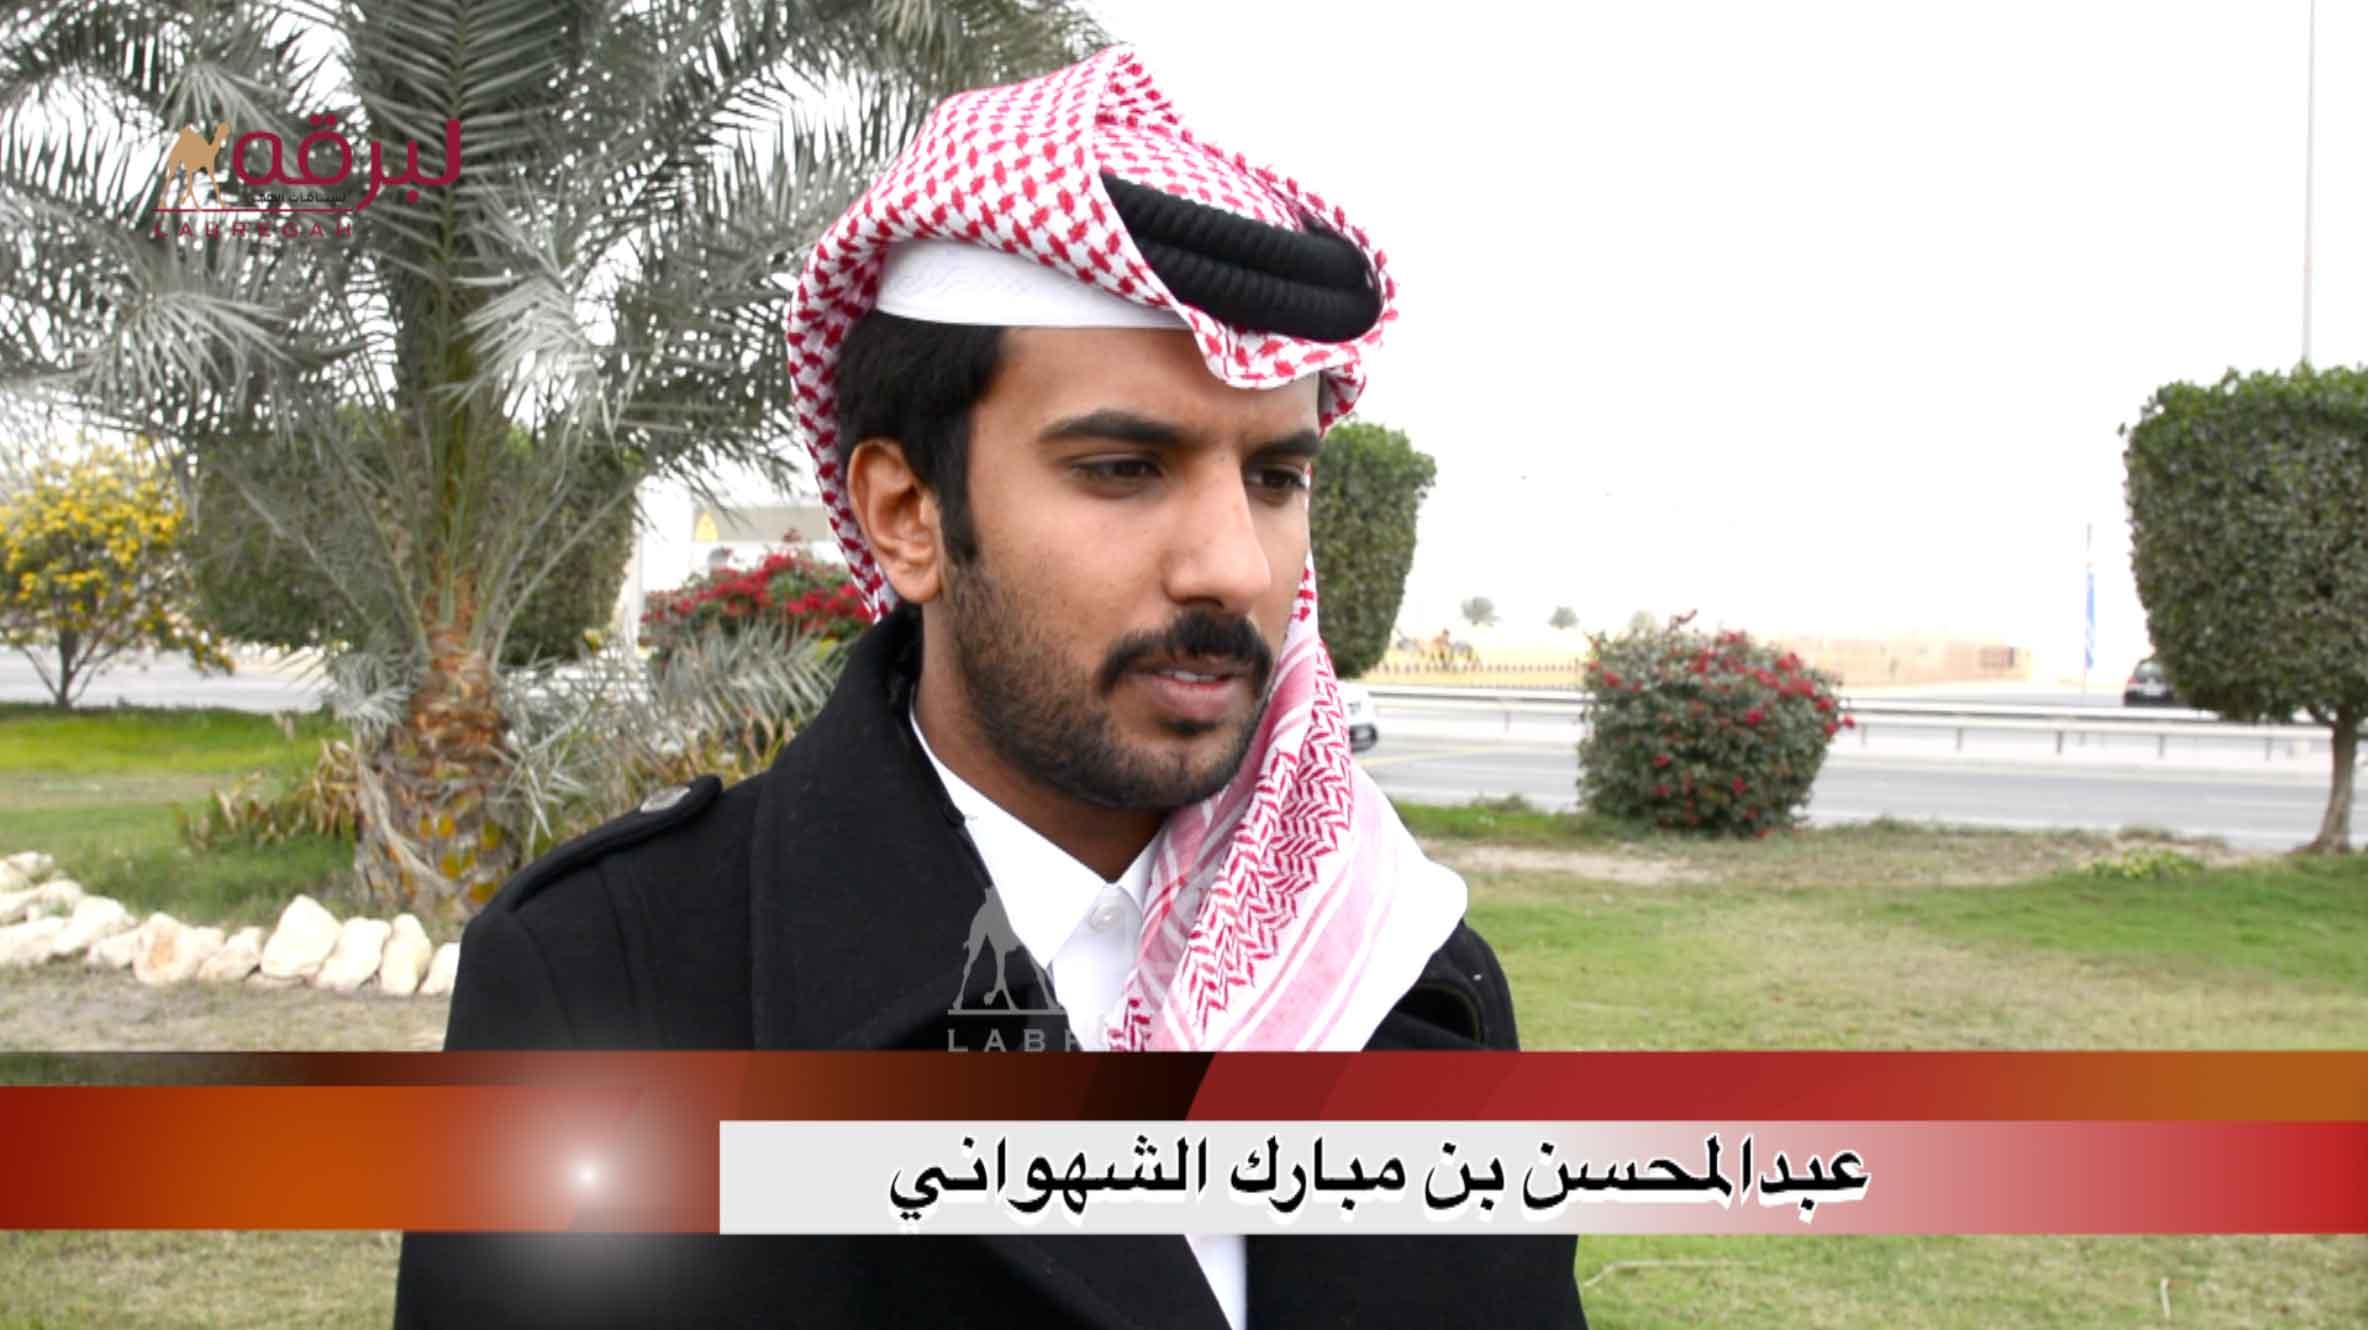 لقاء مع عبدالمحسن بن مبارك الشهواني.. الشوط الرئيسي ثنايا قعدان « مفتوح » الأشواط العامة  ١٩-٢-٢٠٢١